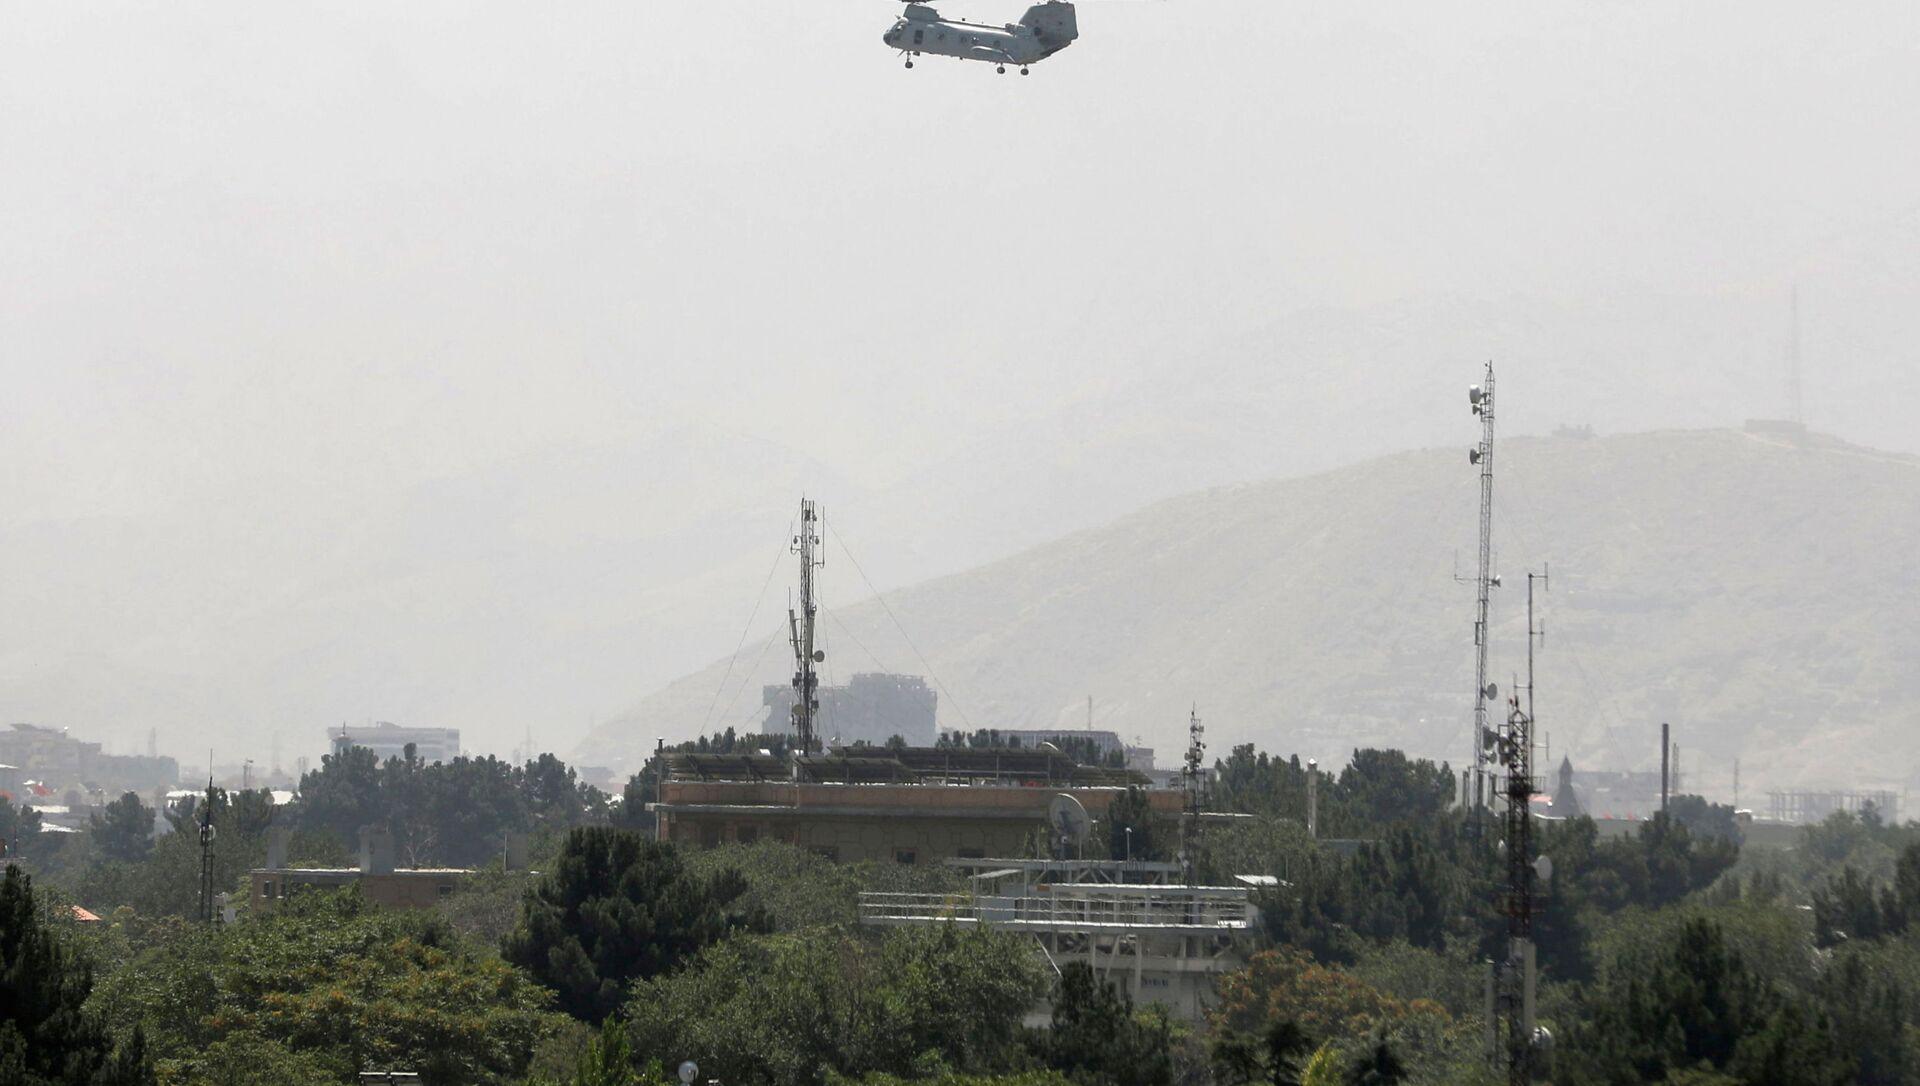 Un hélicoptère militaire survole Kaboul, le 15 août 2021  - Sputnik France, 1920, 15.08.2021